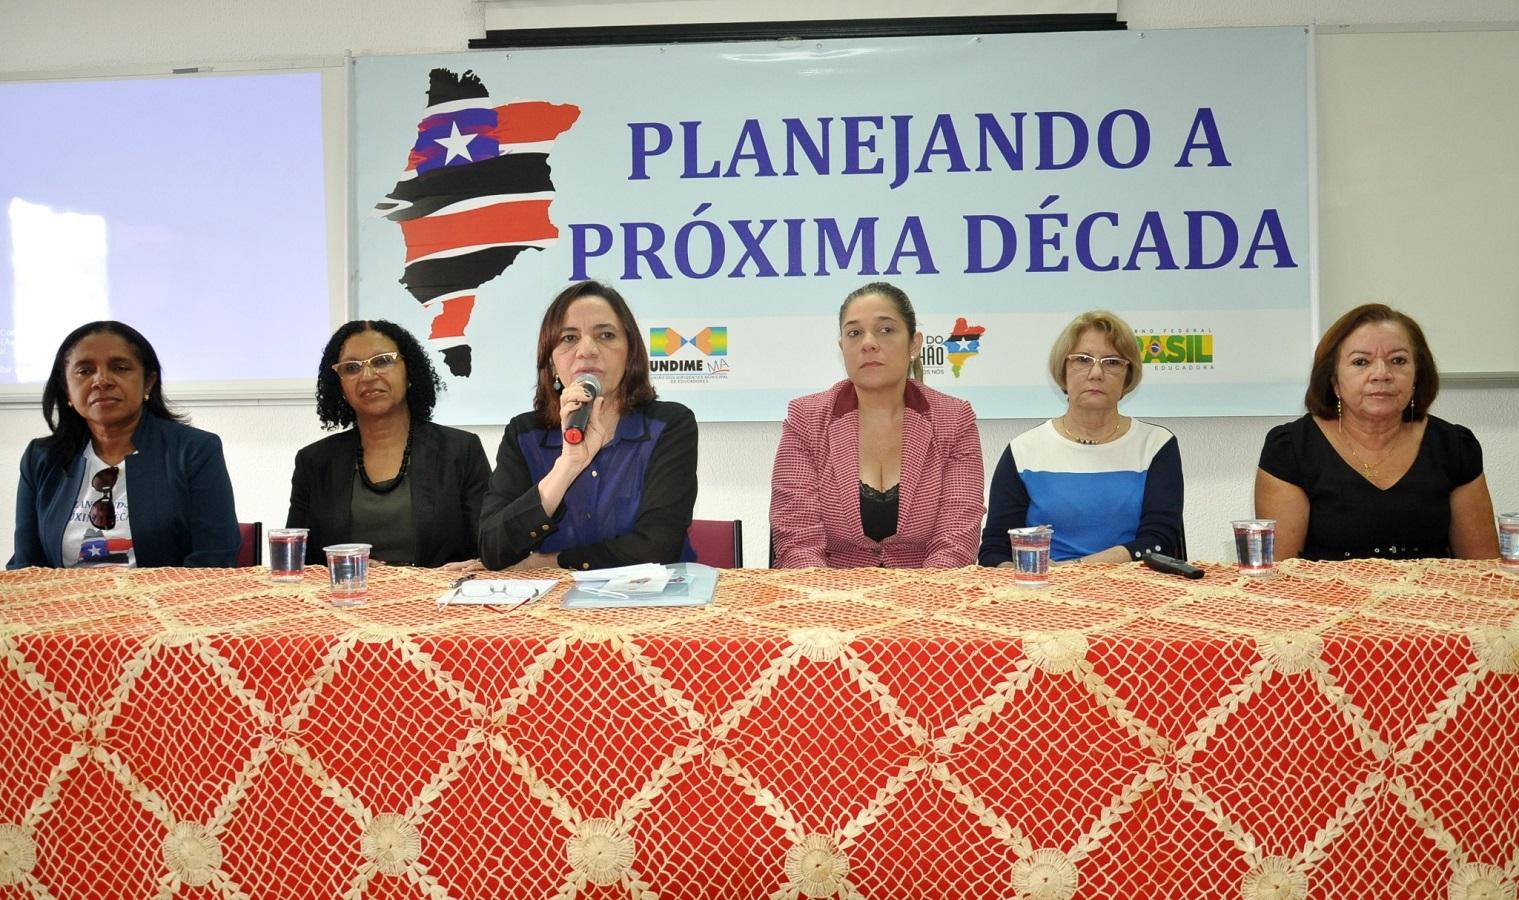 Secretária Áurea Prazeres destacou empenho do governador Flávio Dino para que municípios concluam seus planos de educação